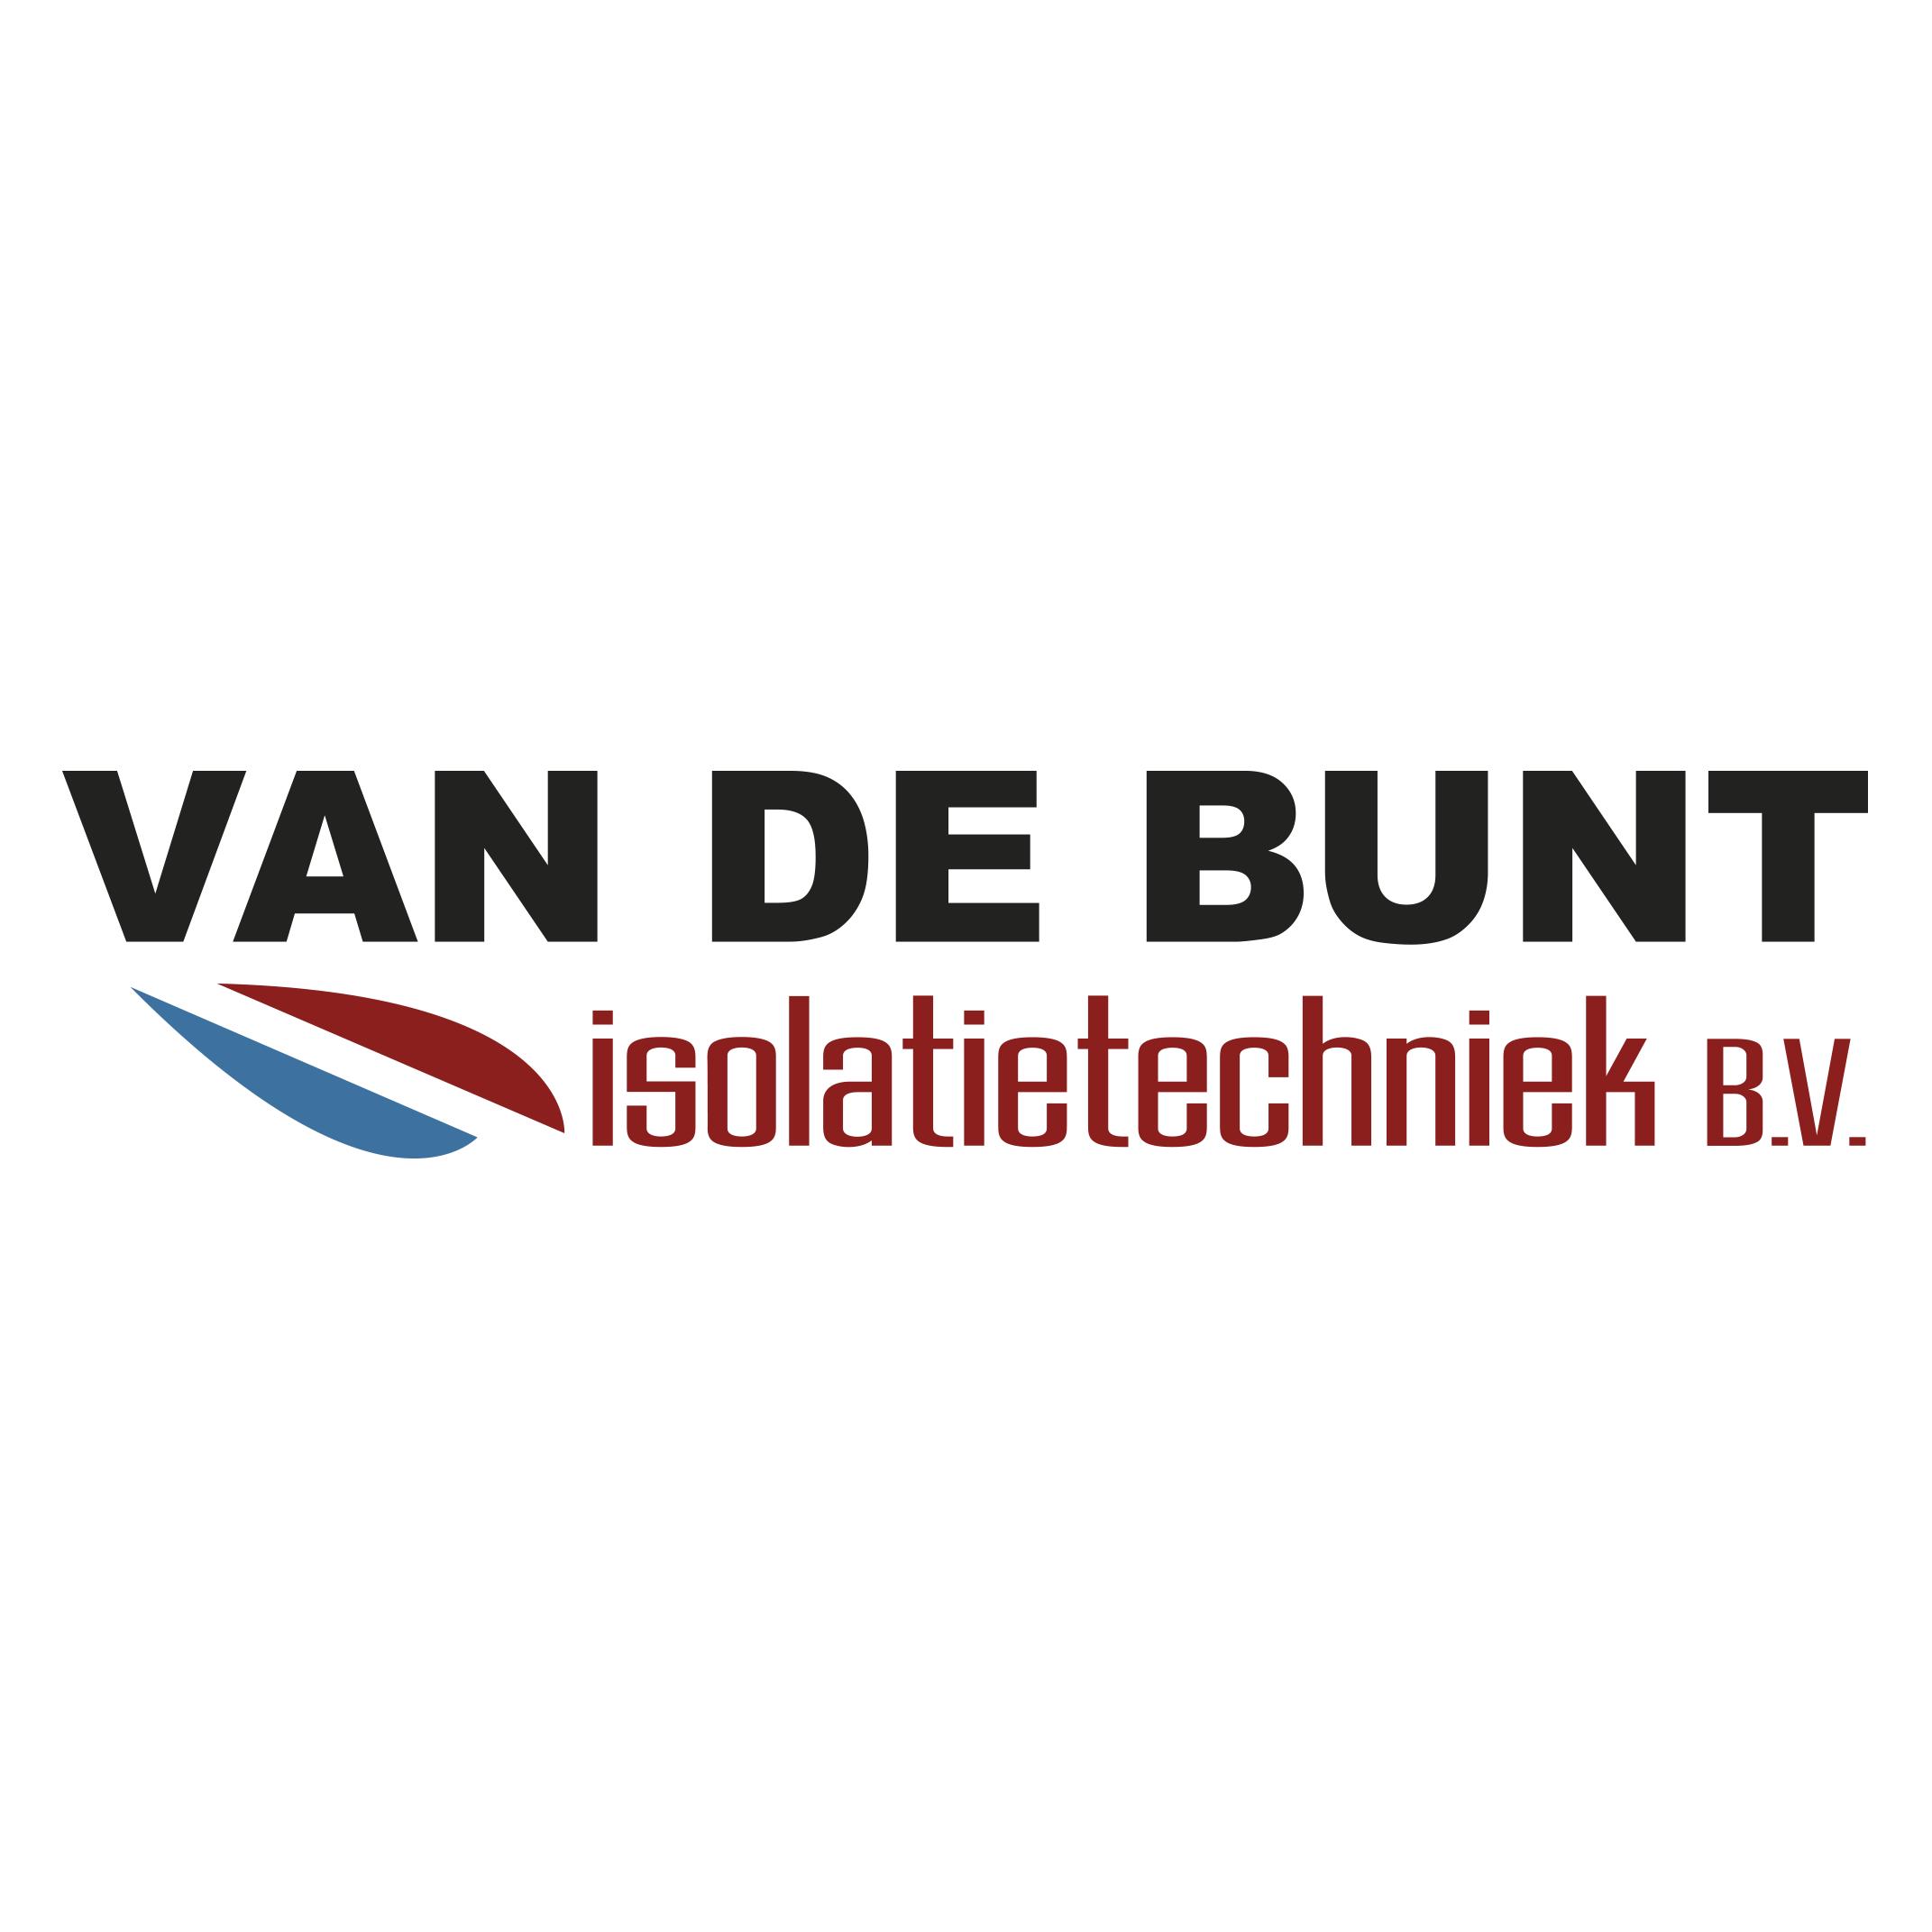 van de Bunt Isolatechniek logo